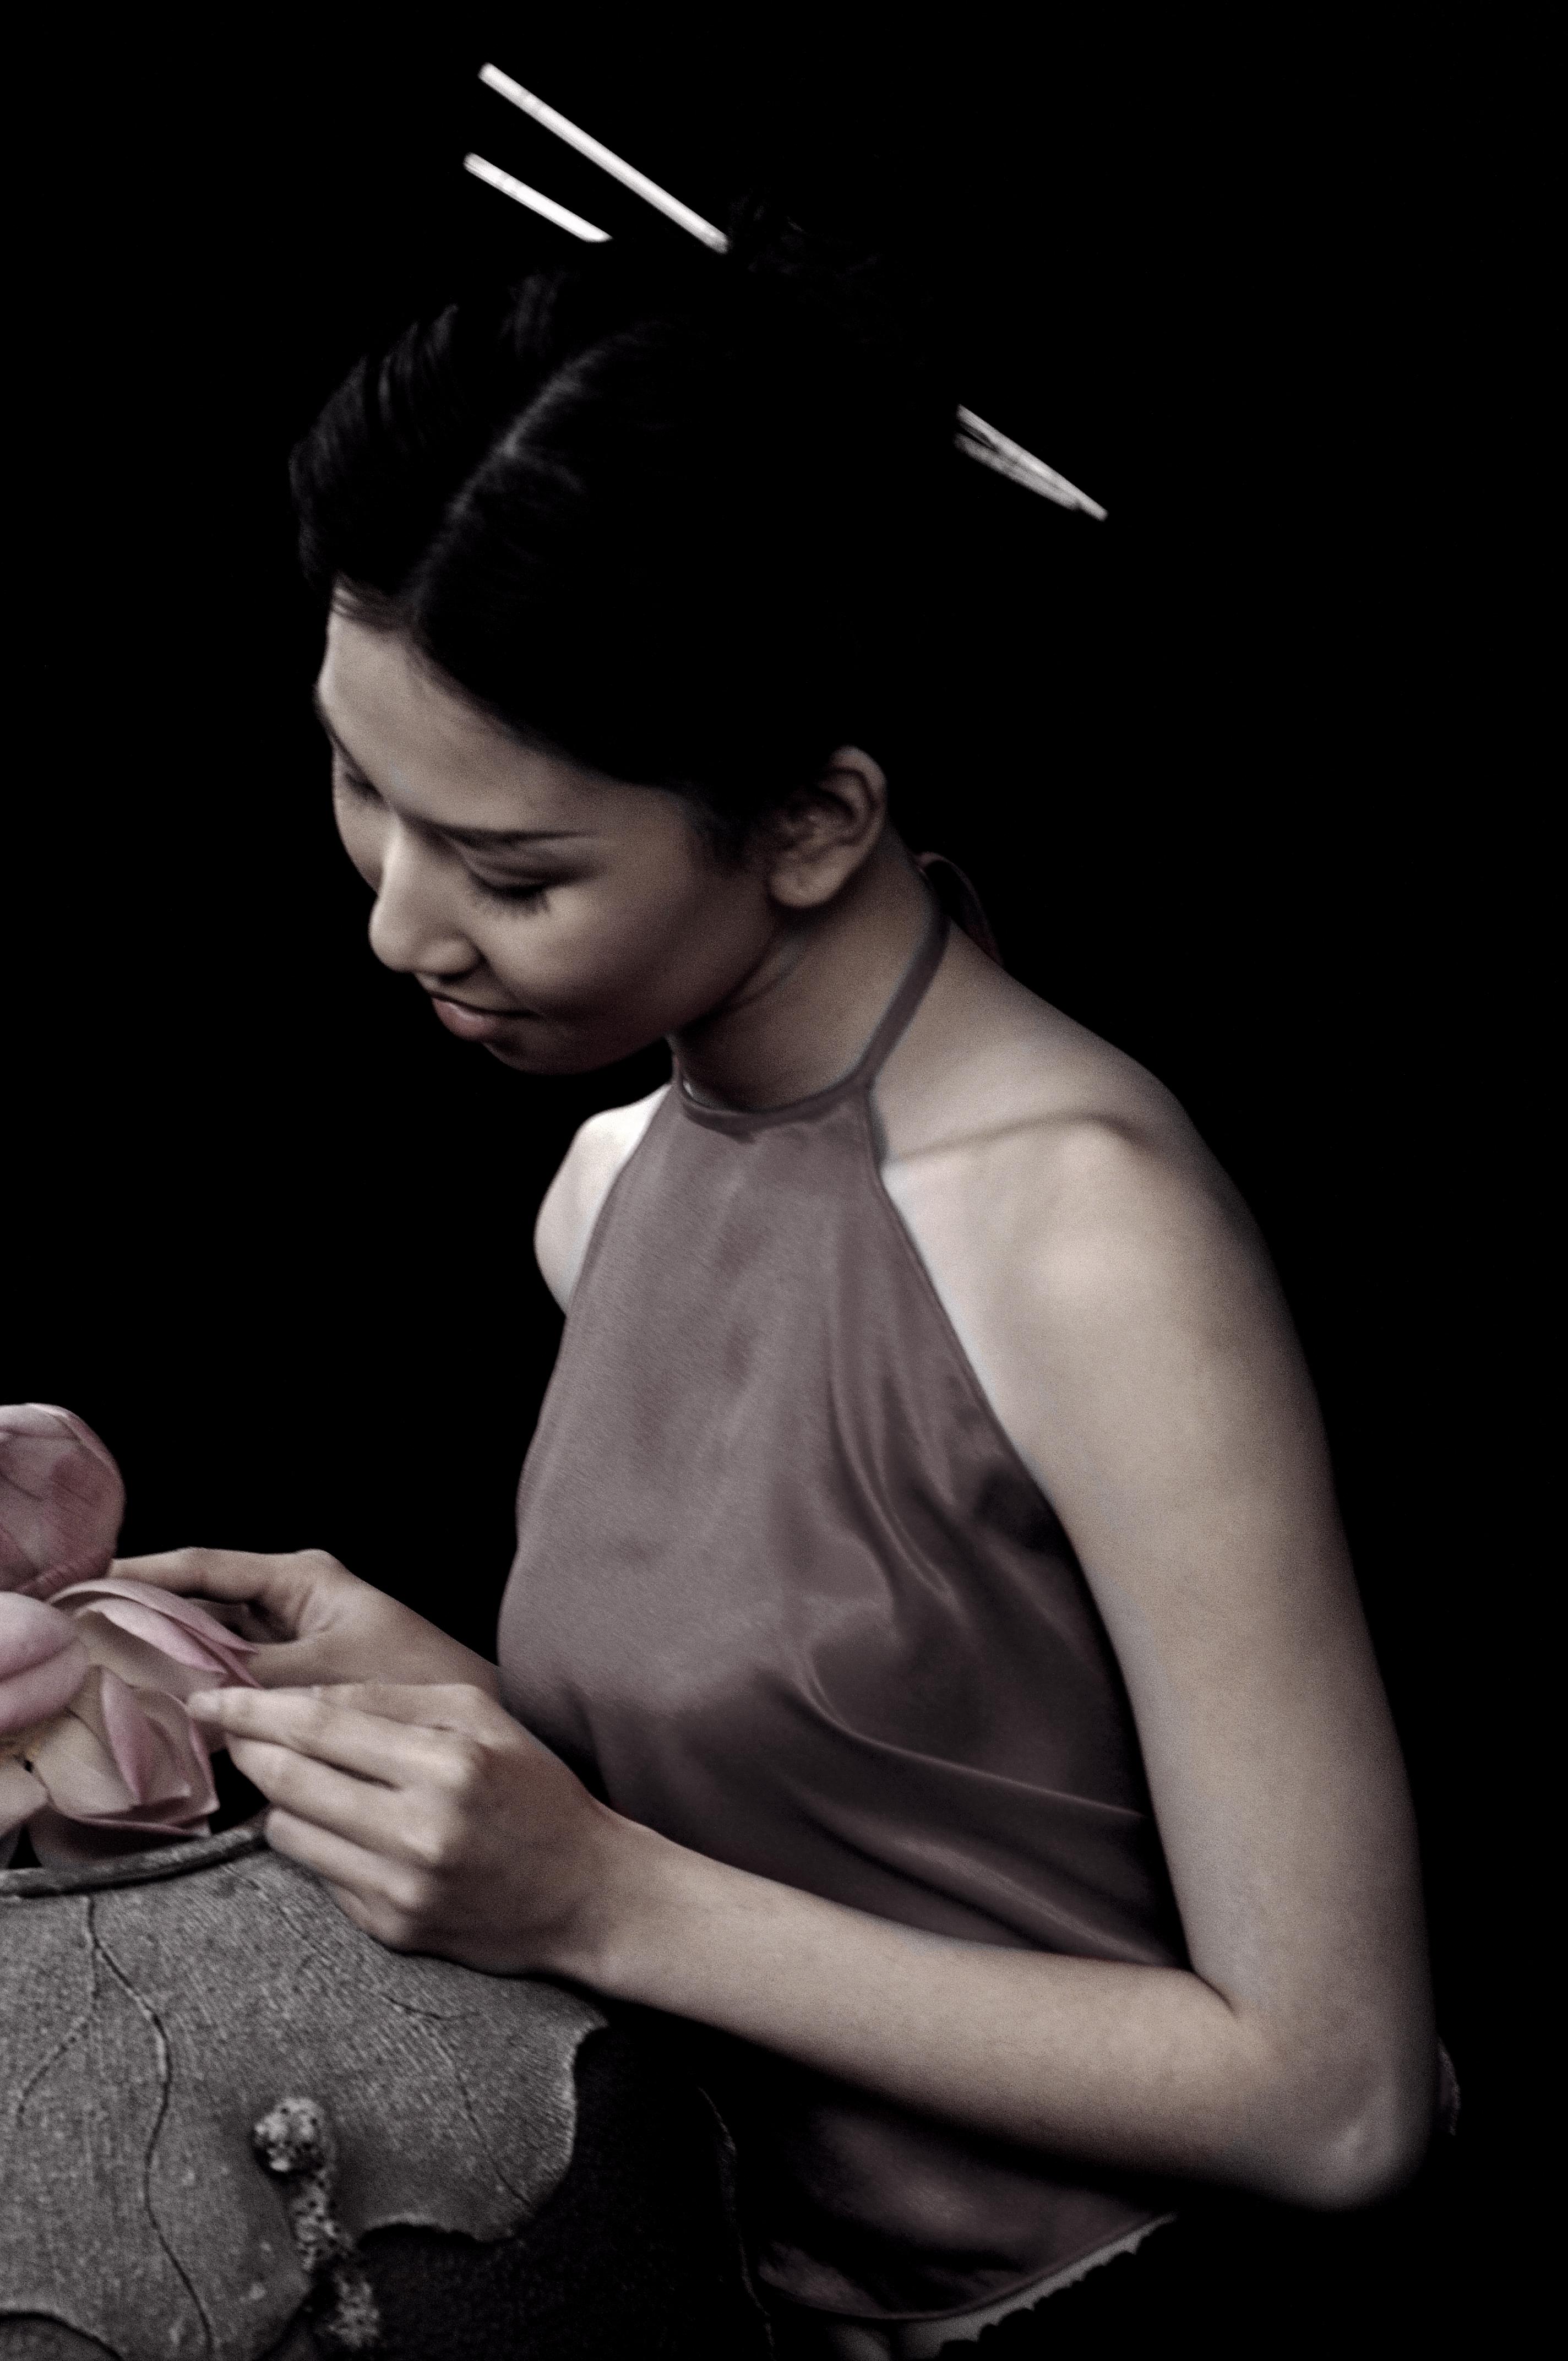 Asian panties org commit